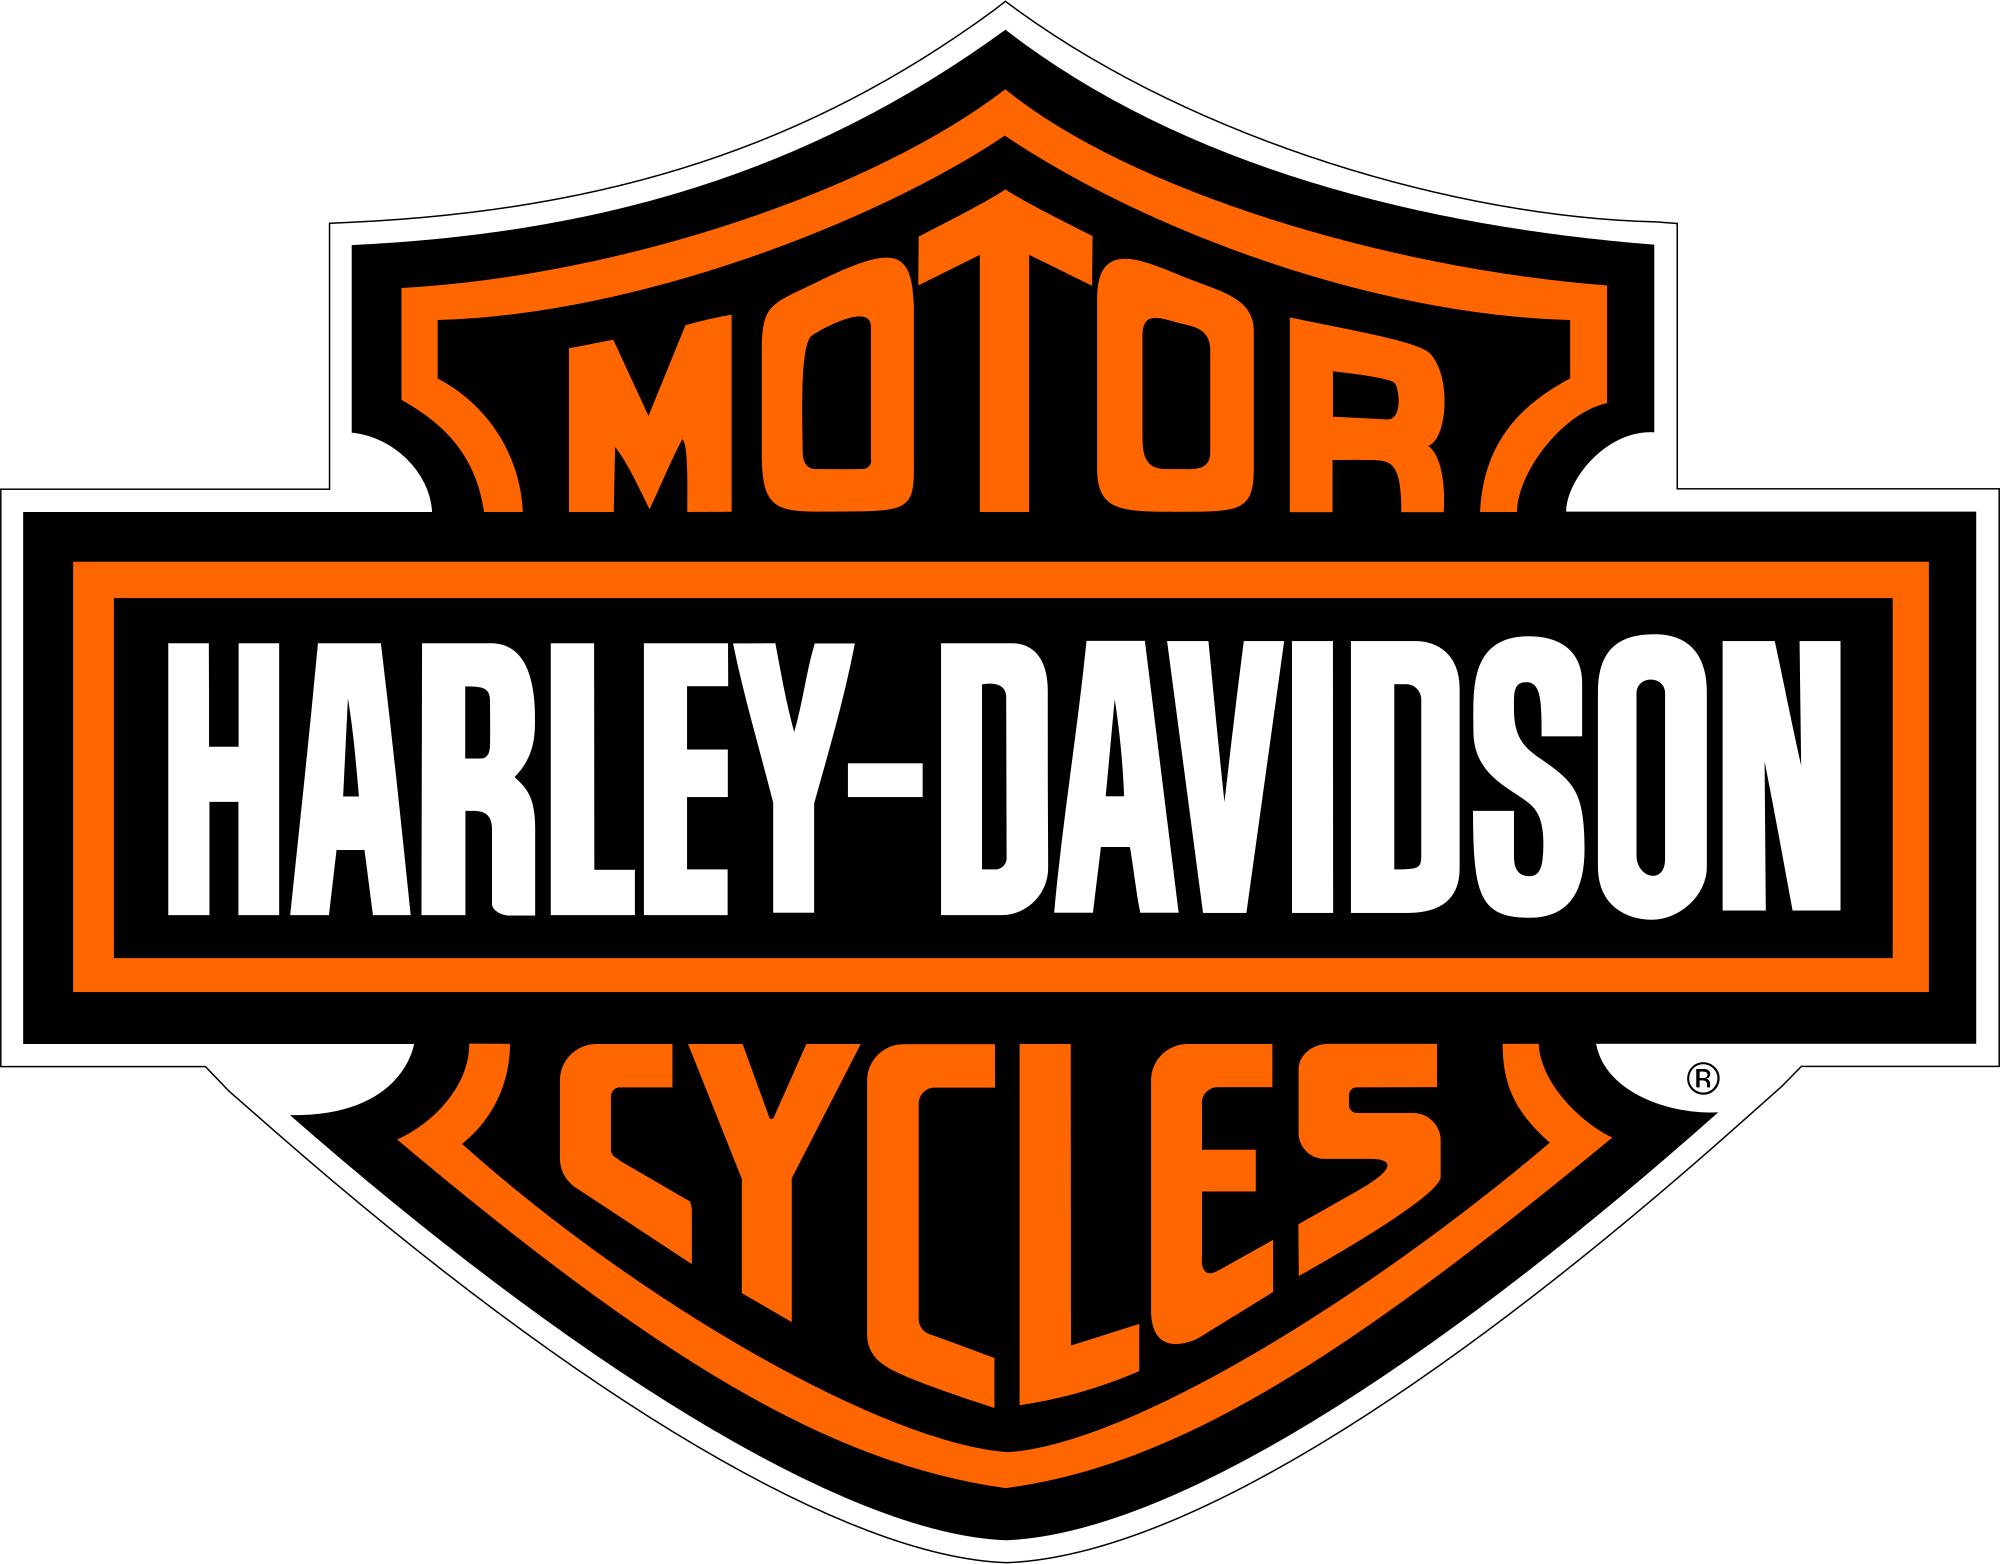 [Harley-Davidson] 1250€ Gutschein auf Motorrad, Bekleidung und Zubehör bei Führerscheinerwerb A/A2 nicht älter als 6 Monate